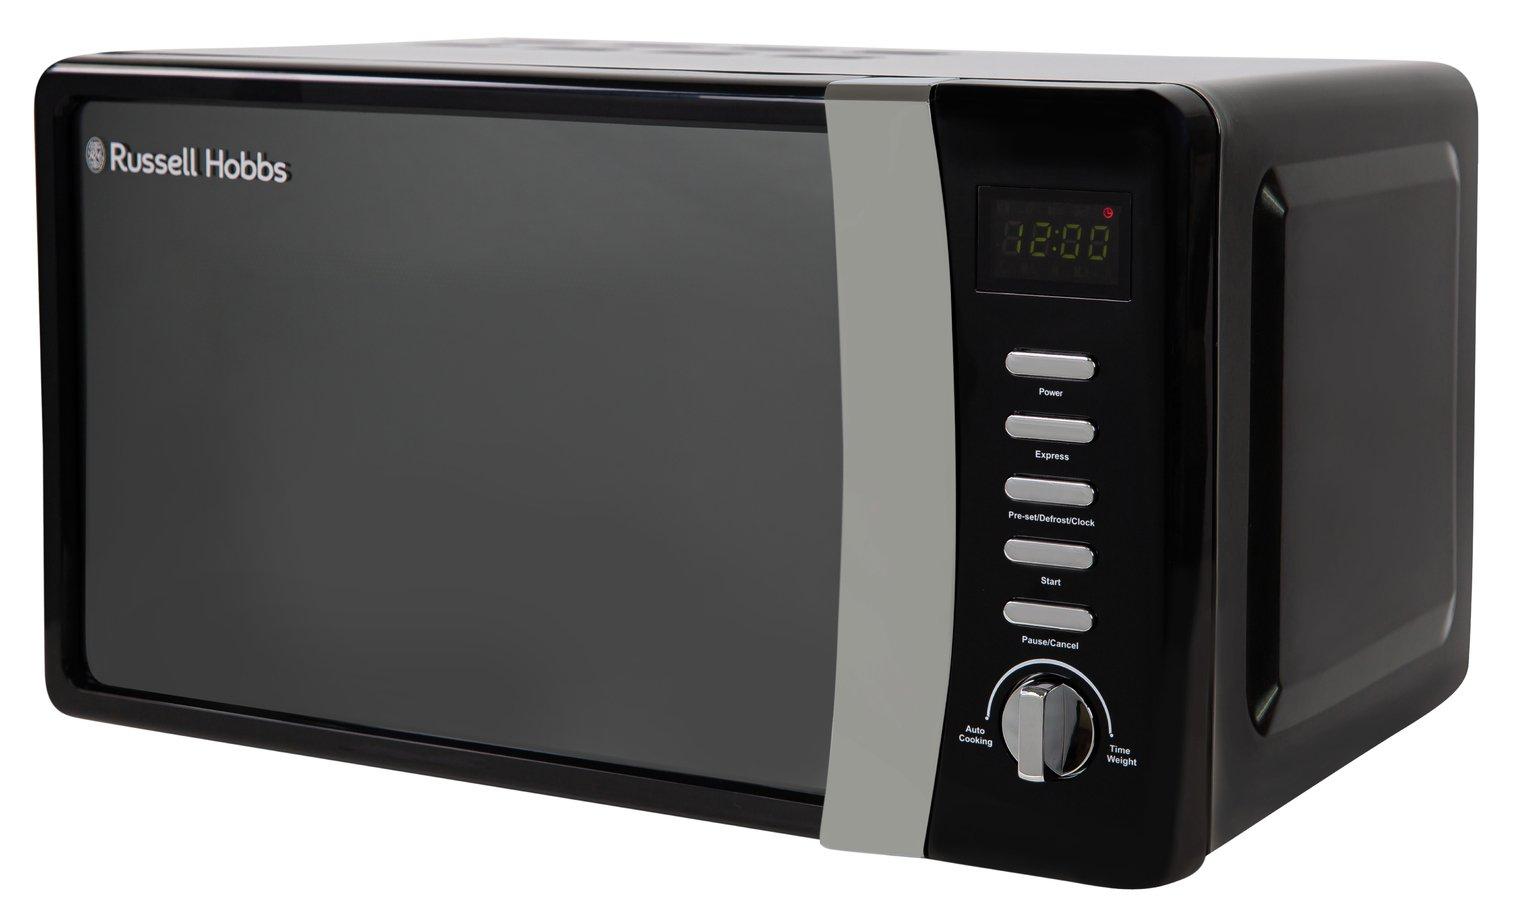 Russell Hobbs 700W Standard Microwave RHMD712 - Black